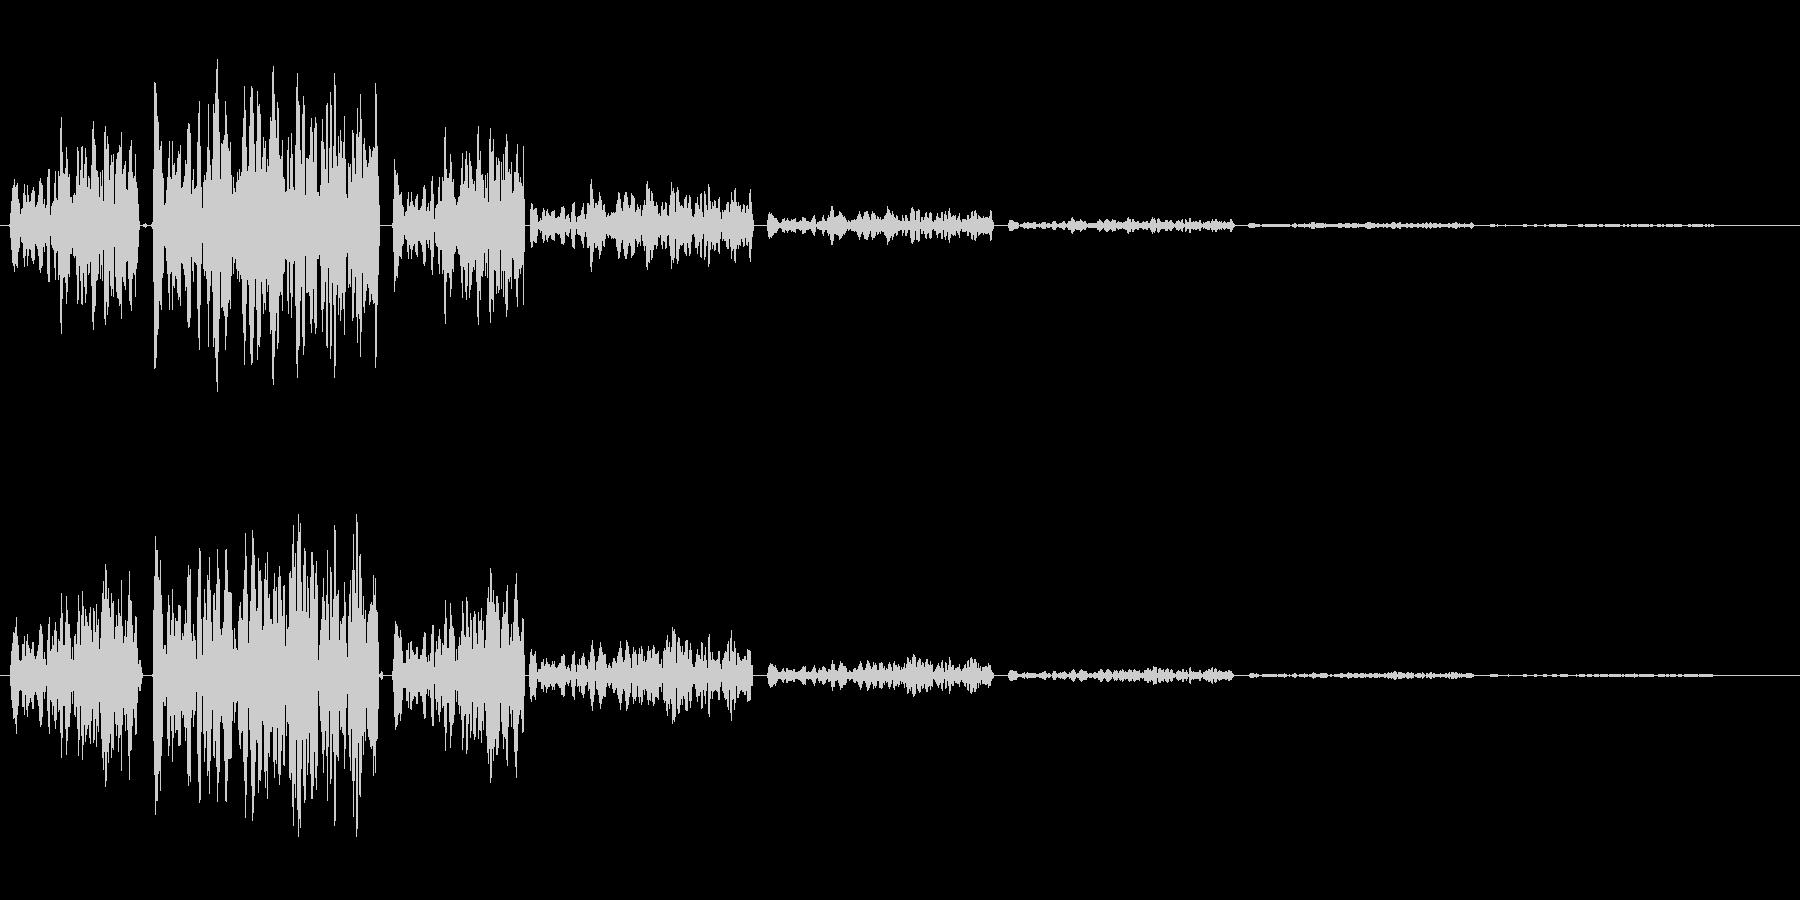 バネが弾むようなインパクトのある起動音の未再生の波形